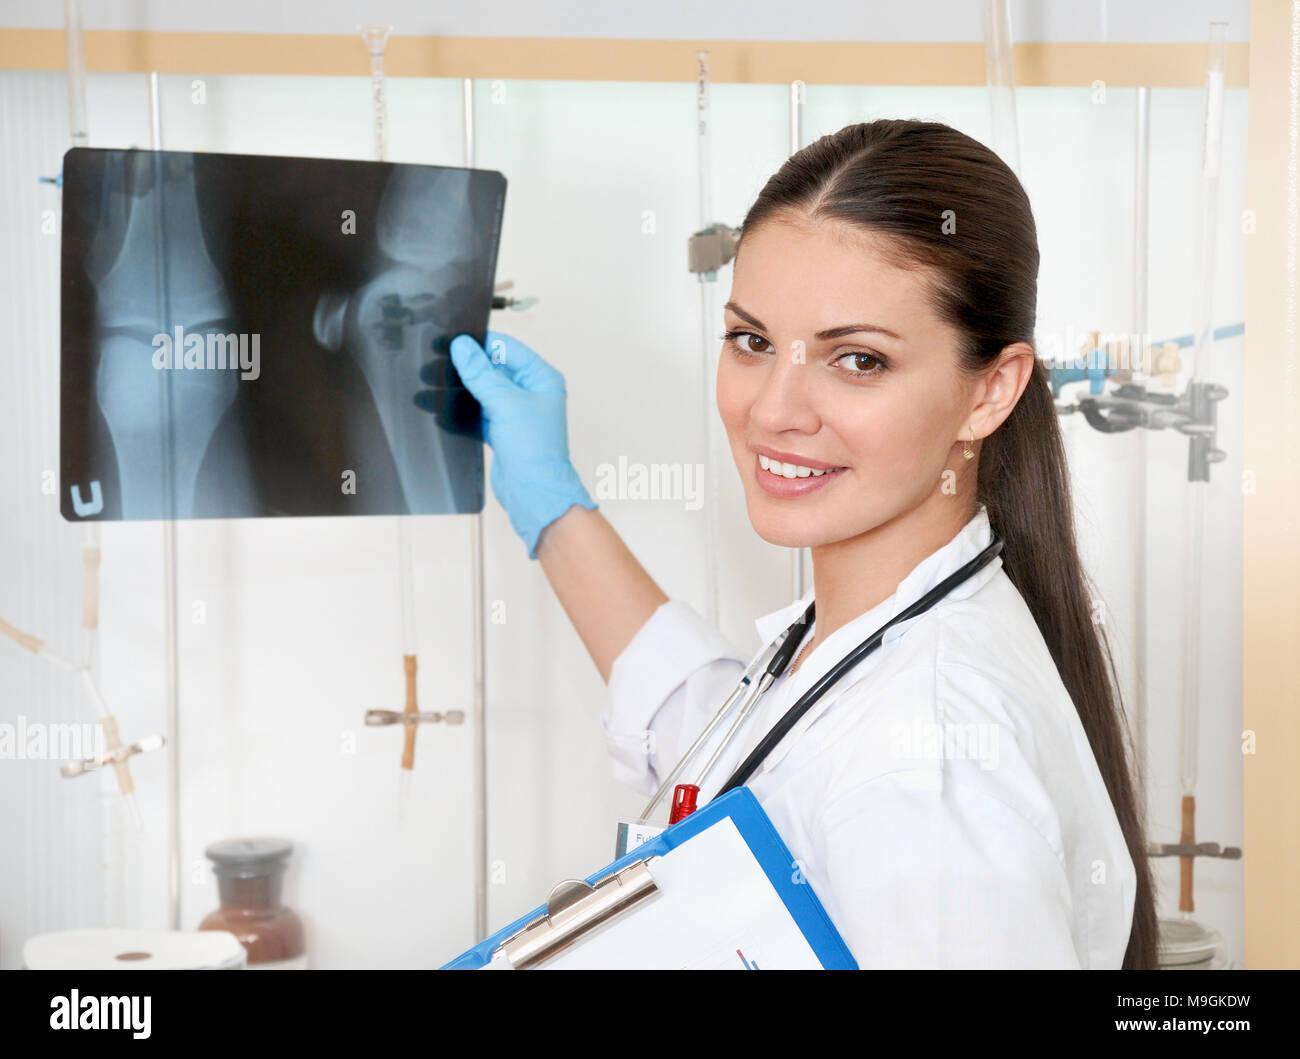 Concetto medico di giovani belle donne medico in camice bianco con roentgen in mano. La donna lavoratrice ospedale guardando roentgen e sorridente Foto Stock